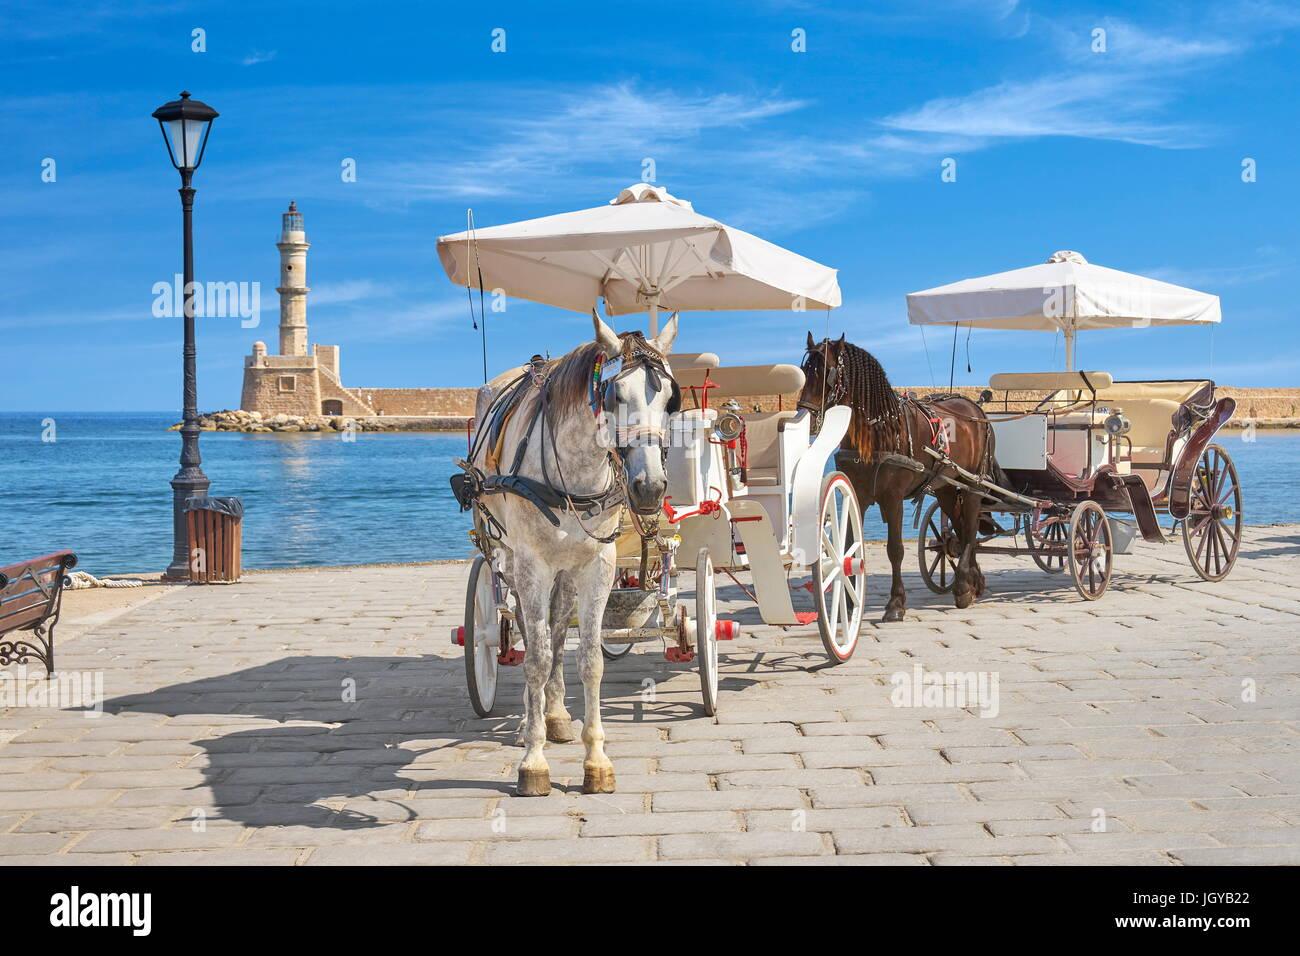 Carro con caballo, faro en el fondo, el casco antiguo de Chania, en la isla de Creta, Grecia Foto de stock